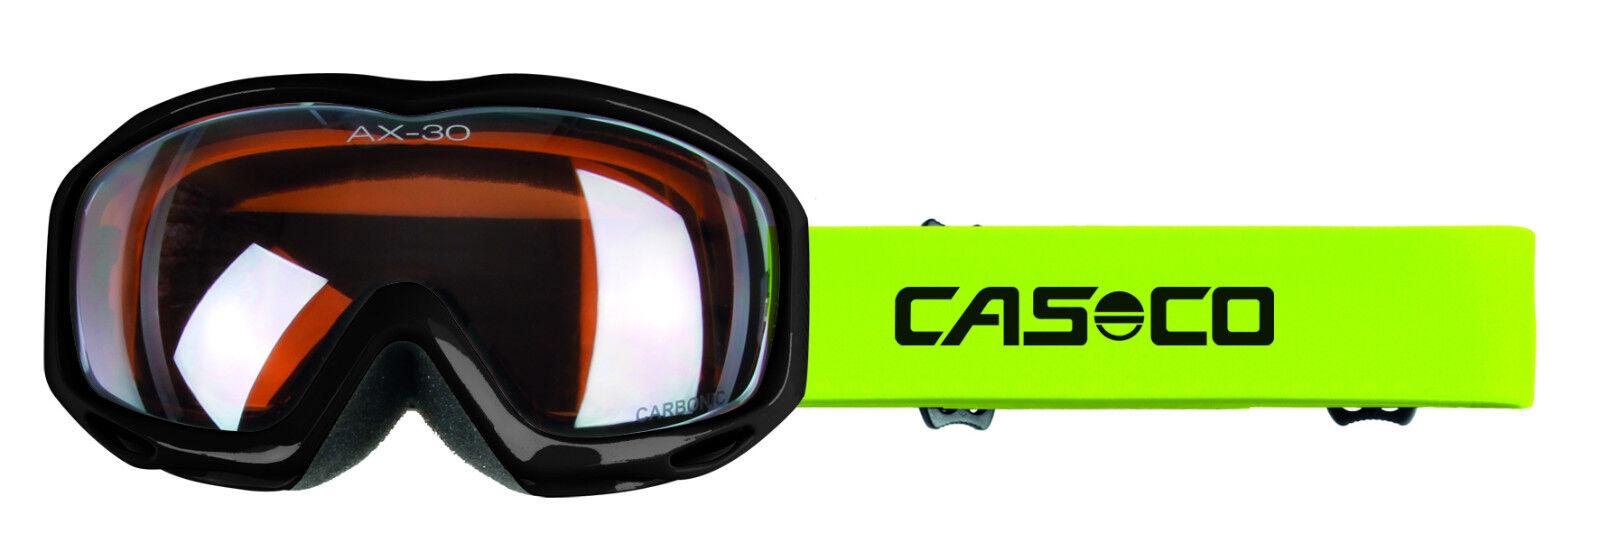 CASCO AX-30 PC Skibrille Schneebrille schwarz neon U     19.07.4410.05 099d7a